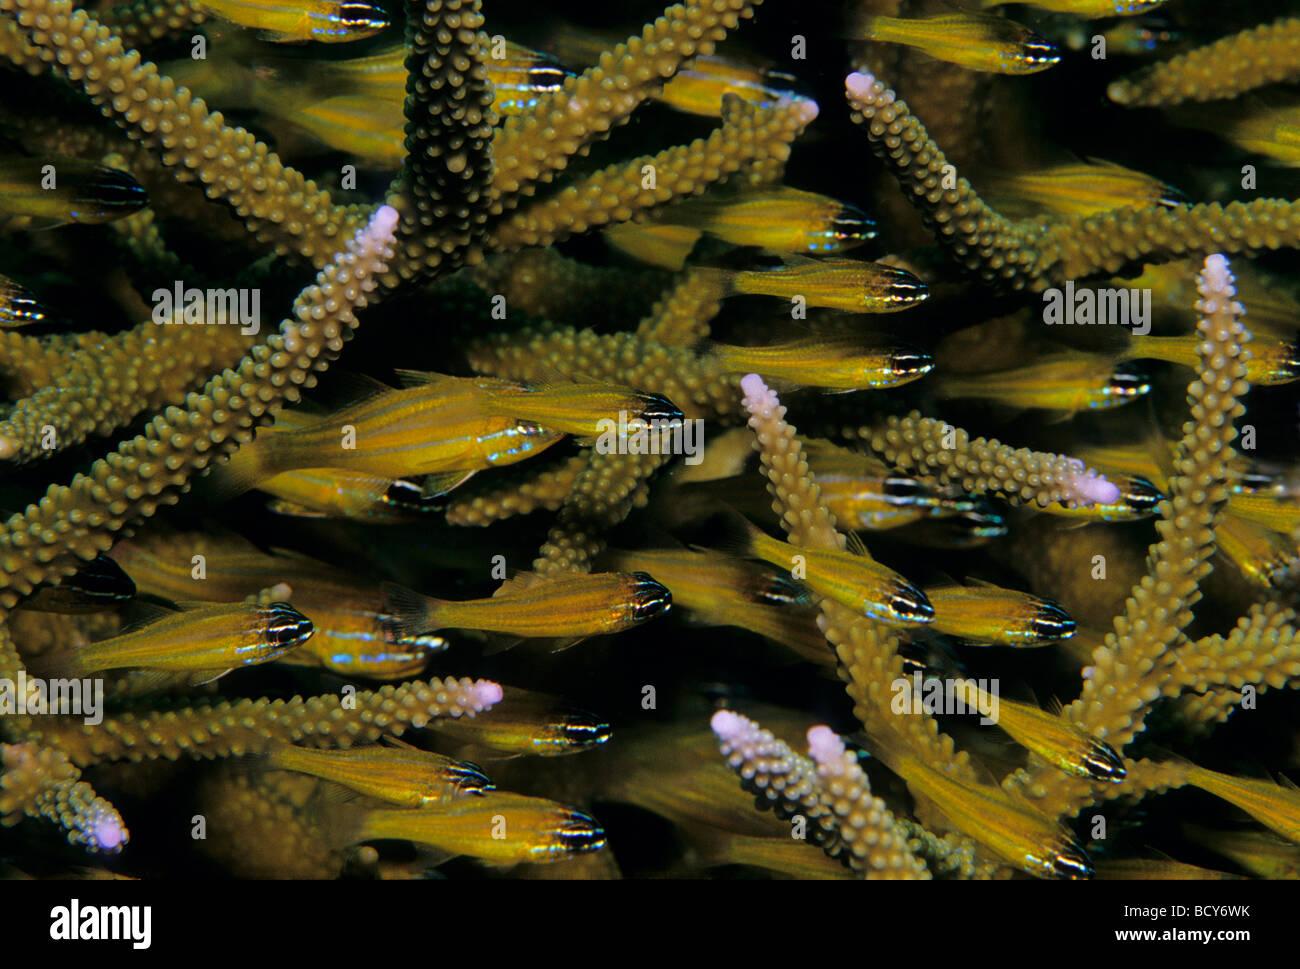 Kattas Kardinalbarschen (Apogon Aureus) zwischen Koralle Steinen, Similan Islands, Andamanensee, Thailand, Asien, Stockbild